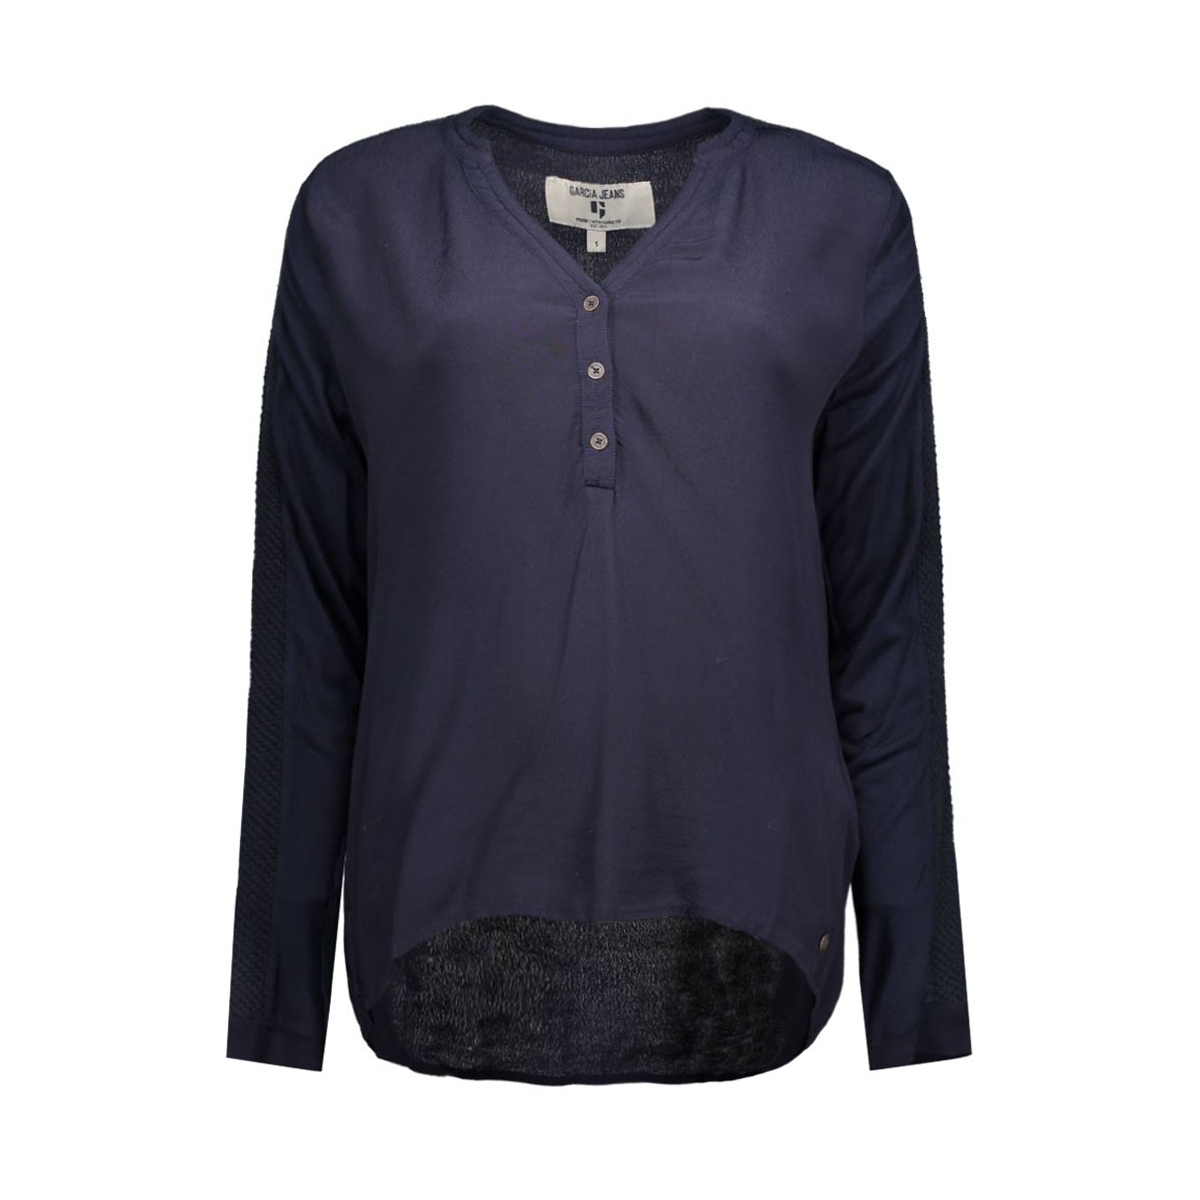 t60231 garcia blouse 20 dark navy